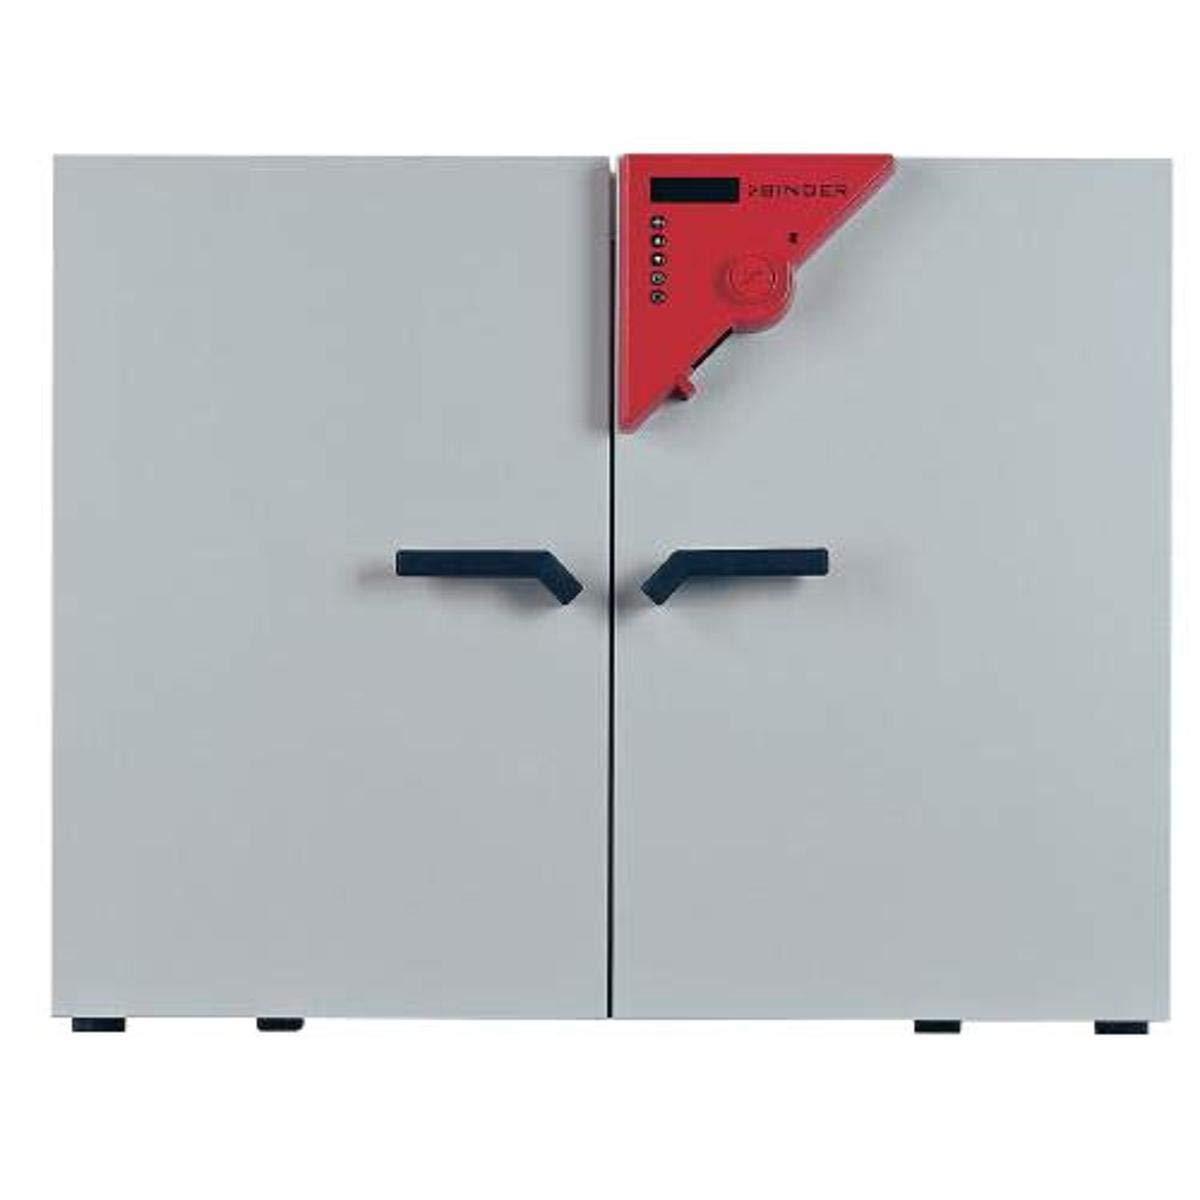 Binder Ed115Ul 7182Z17EA Oven Strlzr Rs 115V Finally resale start Max 64% OFF W